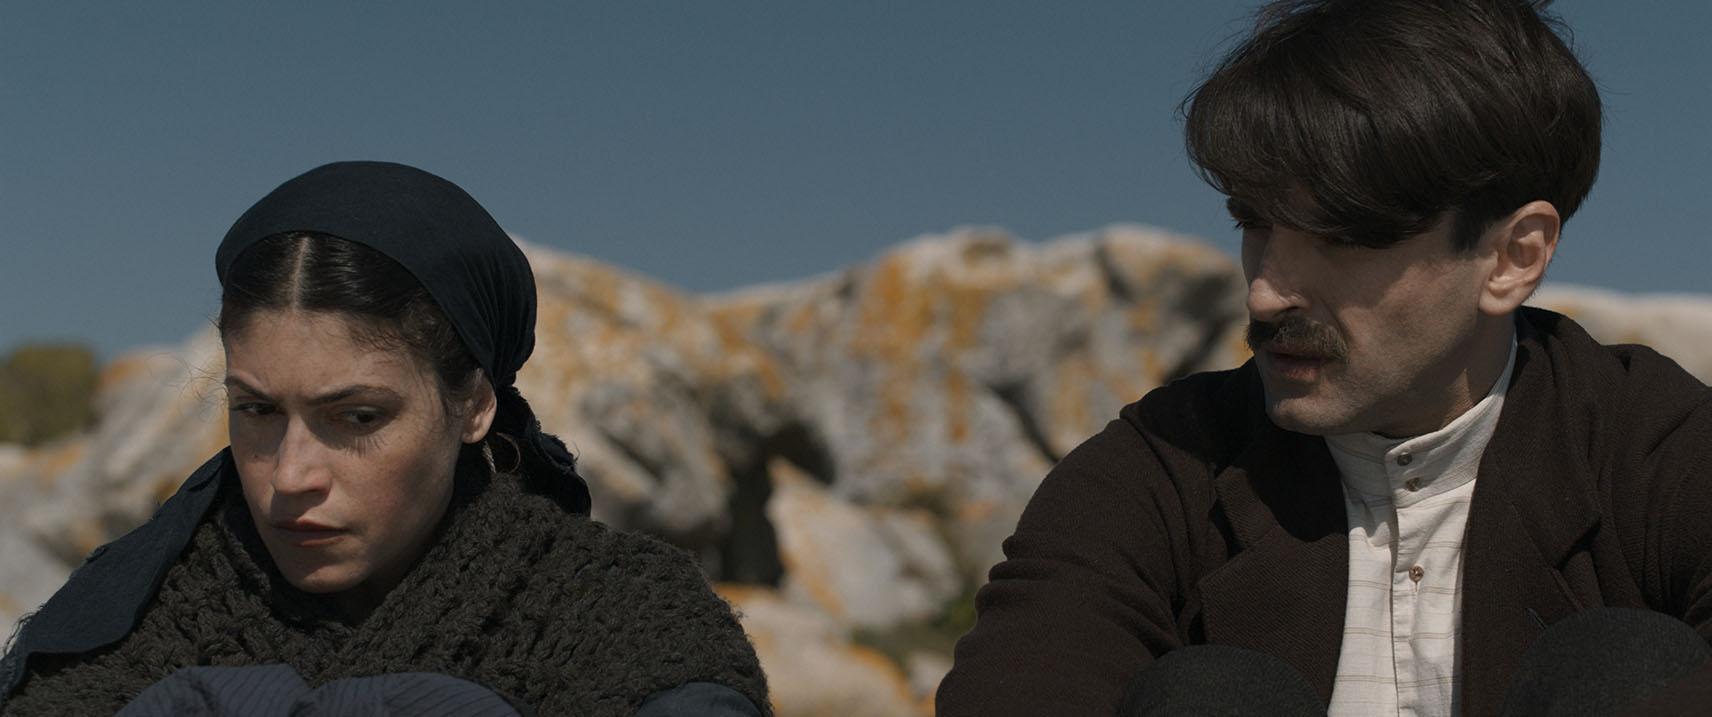 La isla de las mentiras, de Paula Cons, se estrena en Filmin